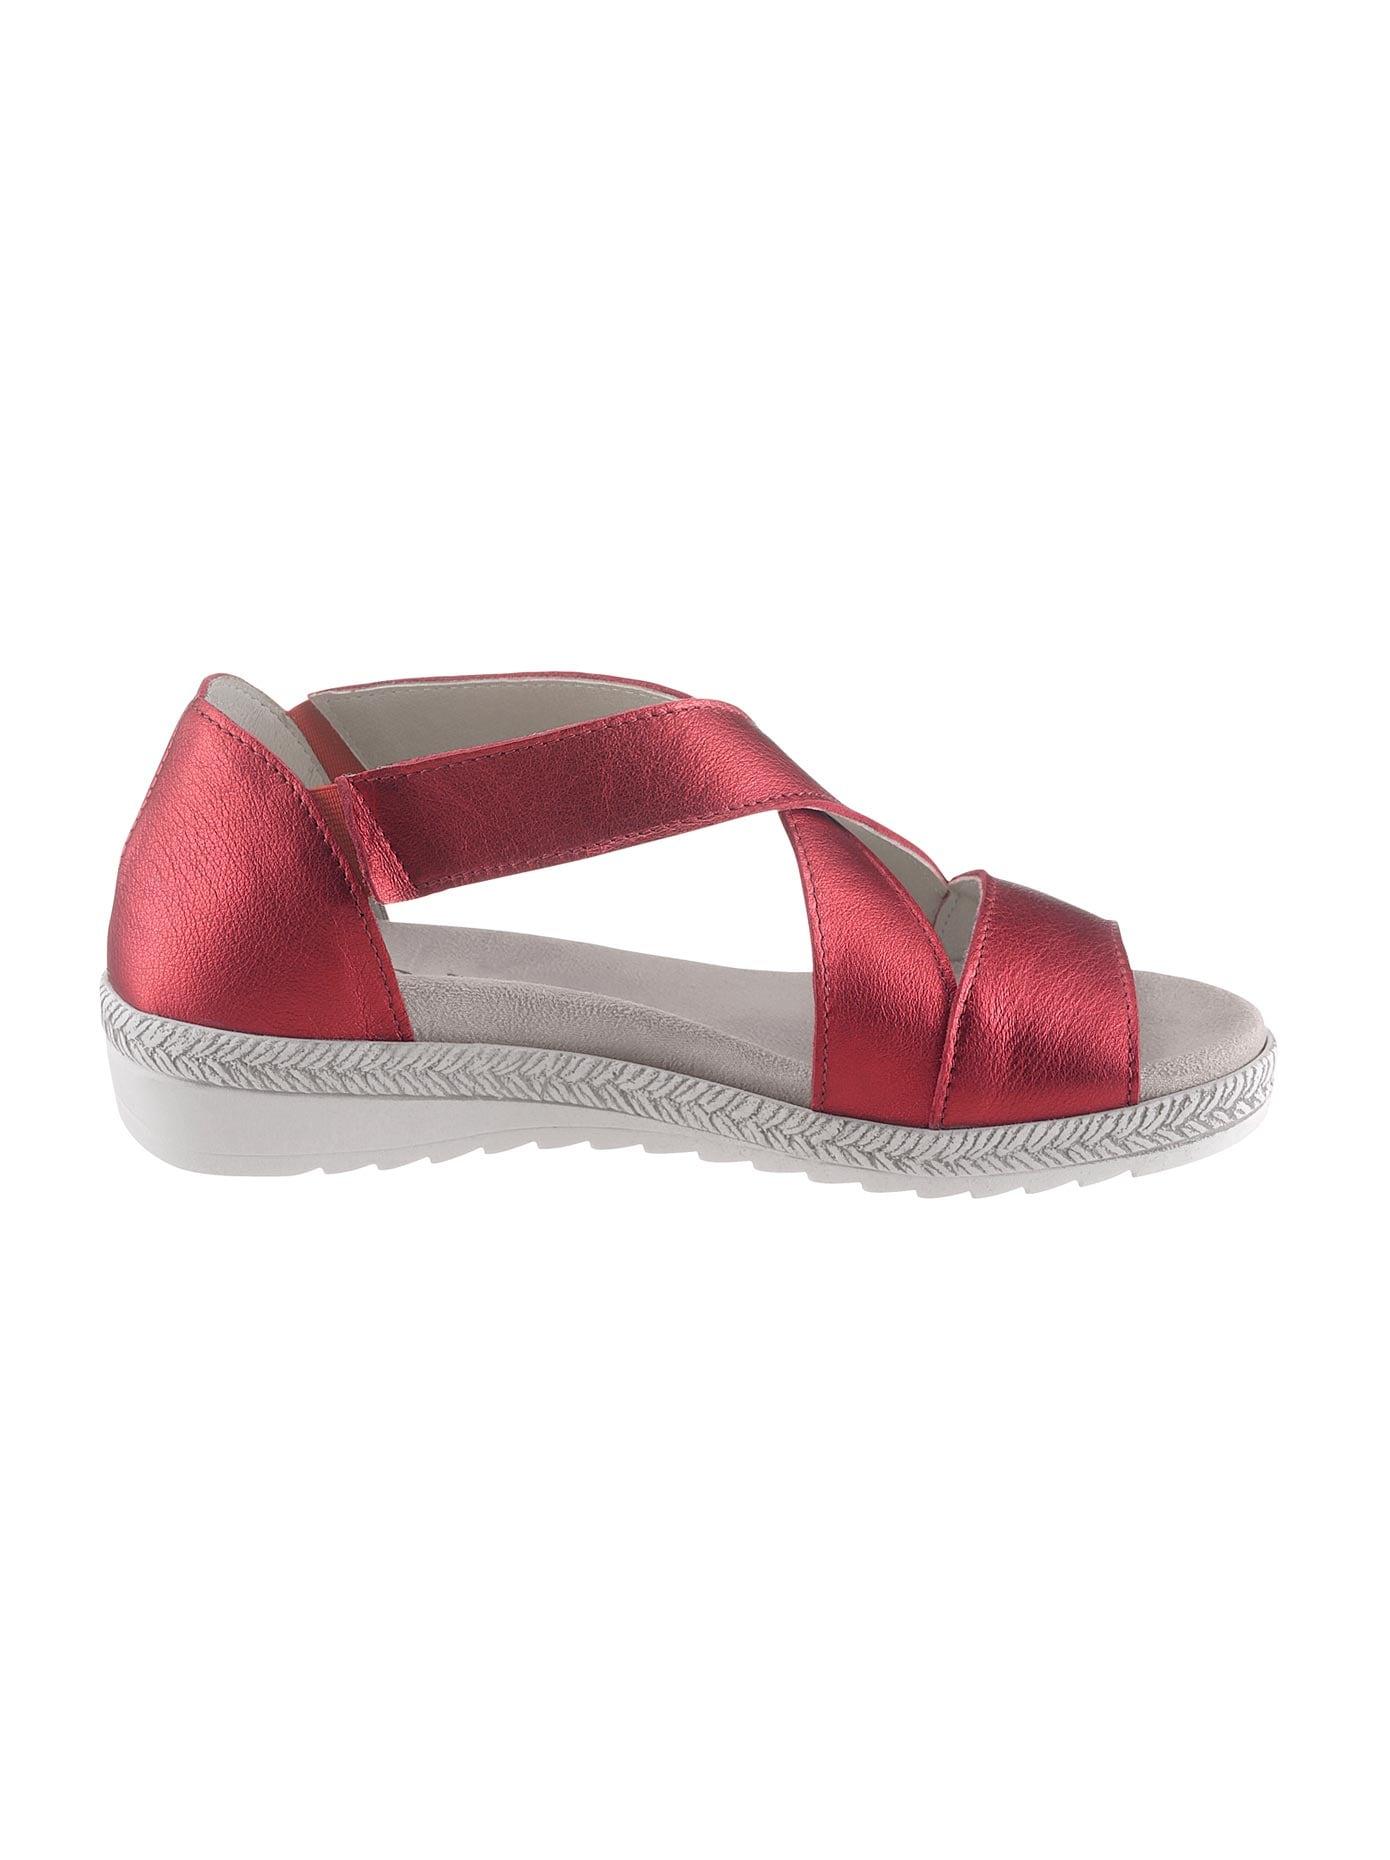 Aco Sandalette rot Damen Sandaletten Sandalen